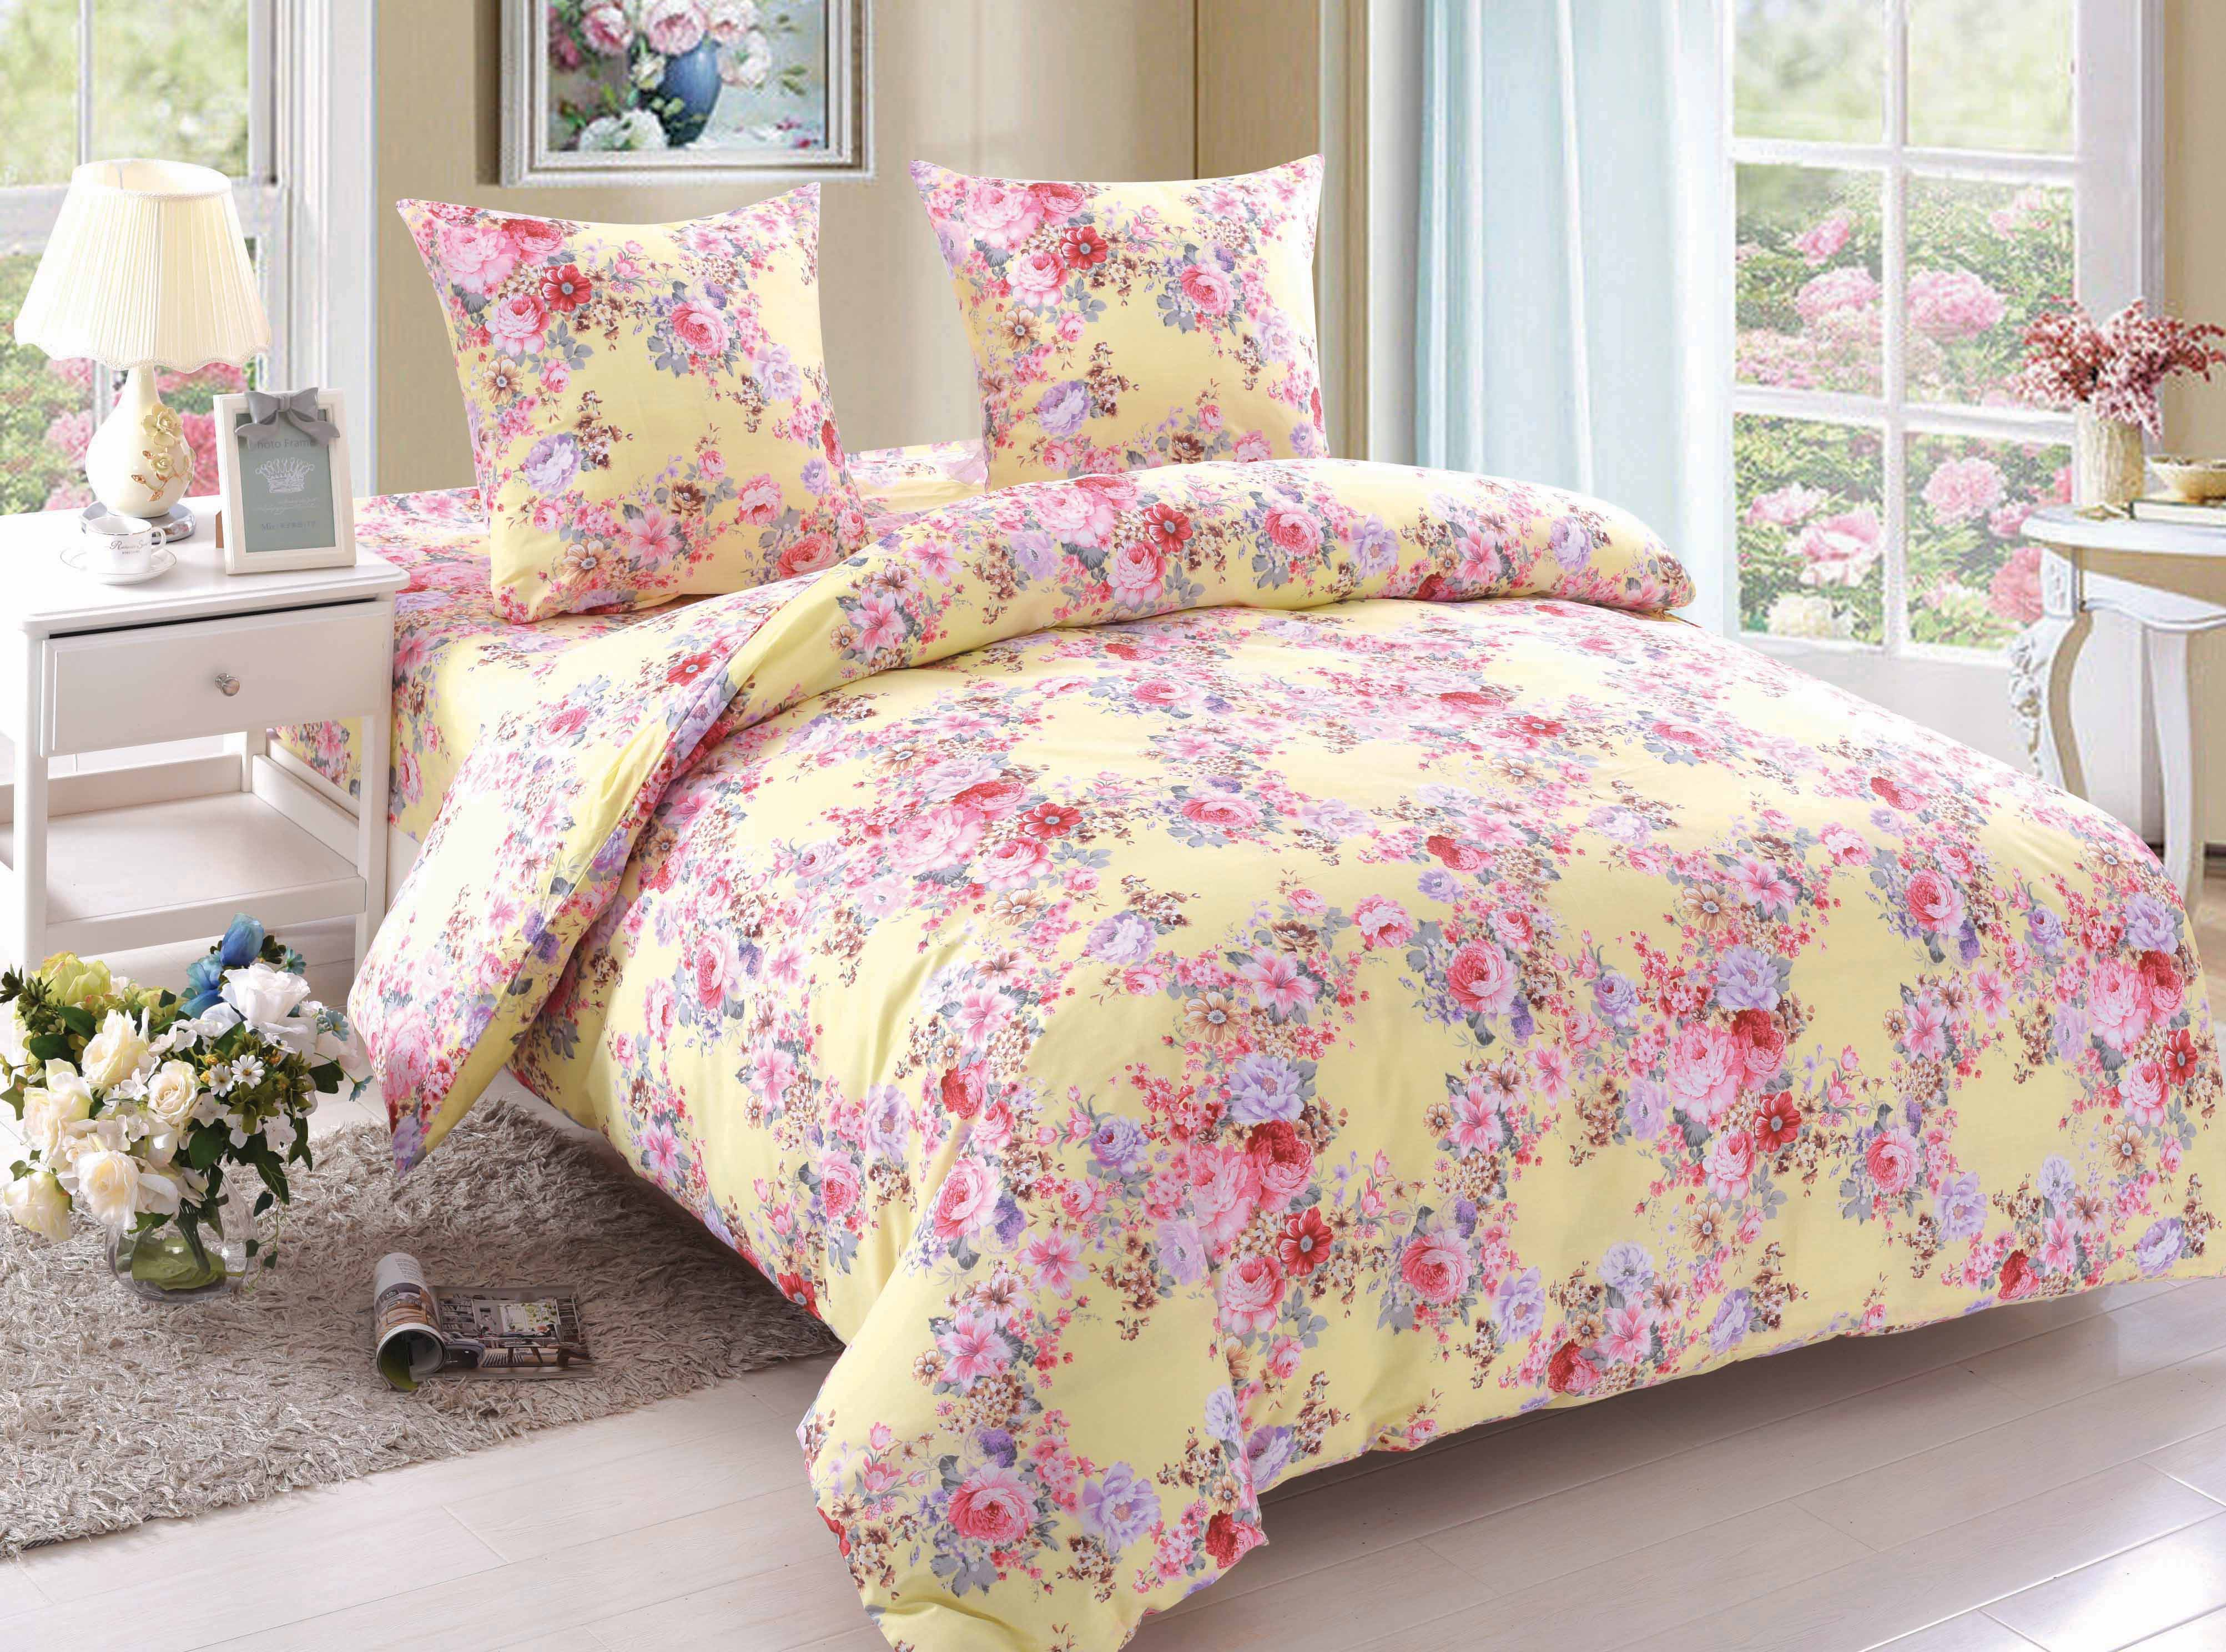 Купить Комплекты постельного белья Amore Mio, Постельное белье Trinity (2 сп. евро), Китай, Поплин